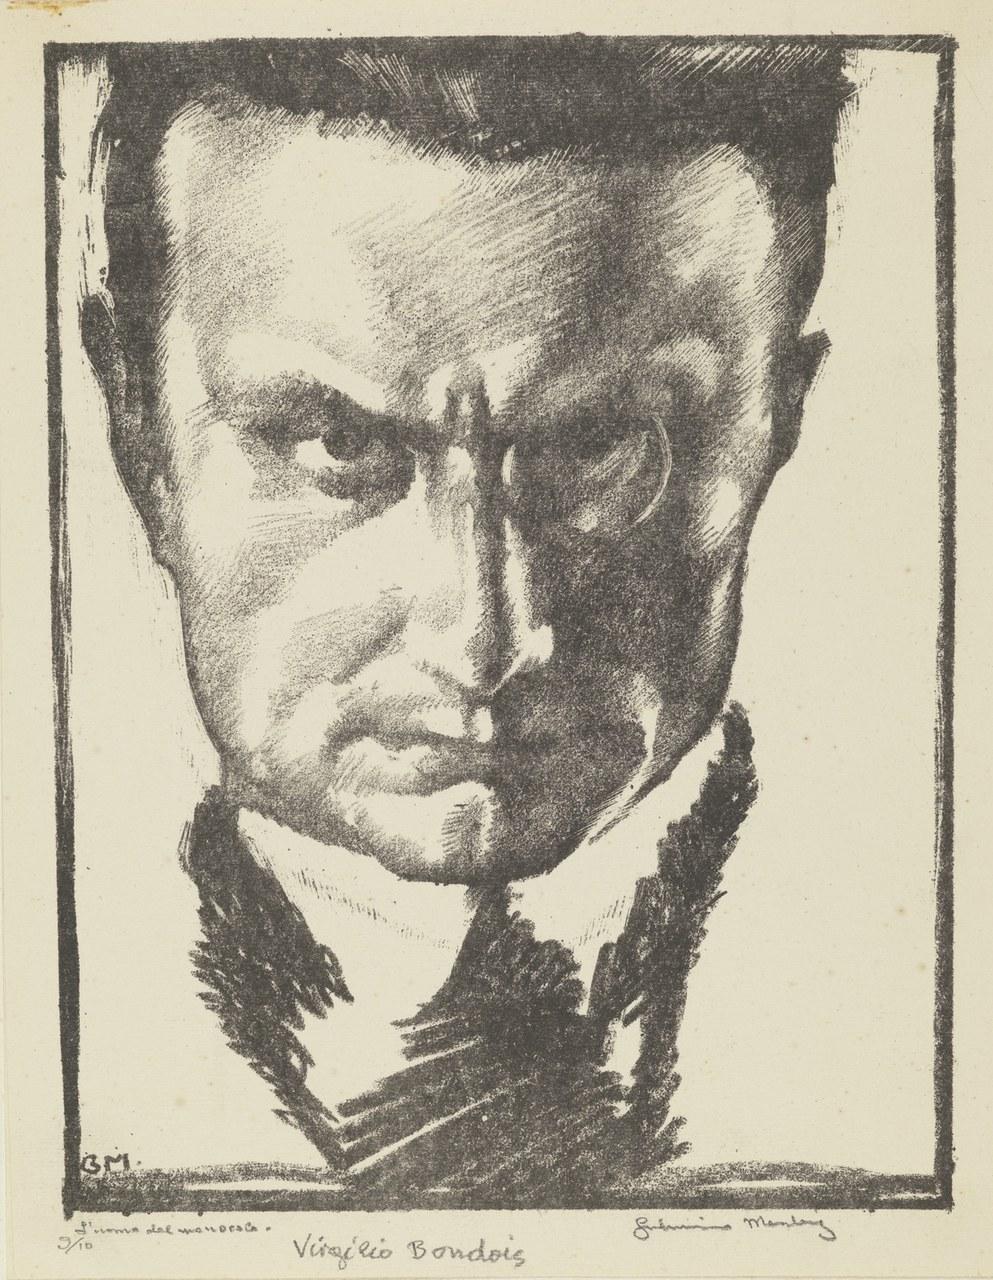 Fig. 2Giannino Marchig, Ritratto di Virgilio Bondois, 1917.